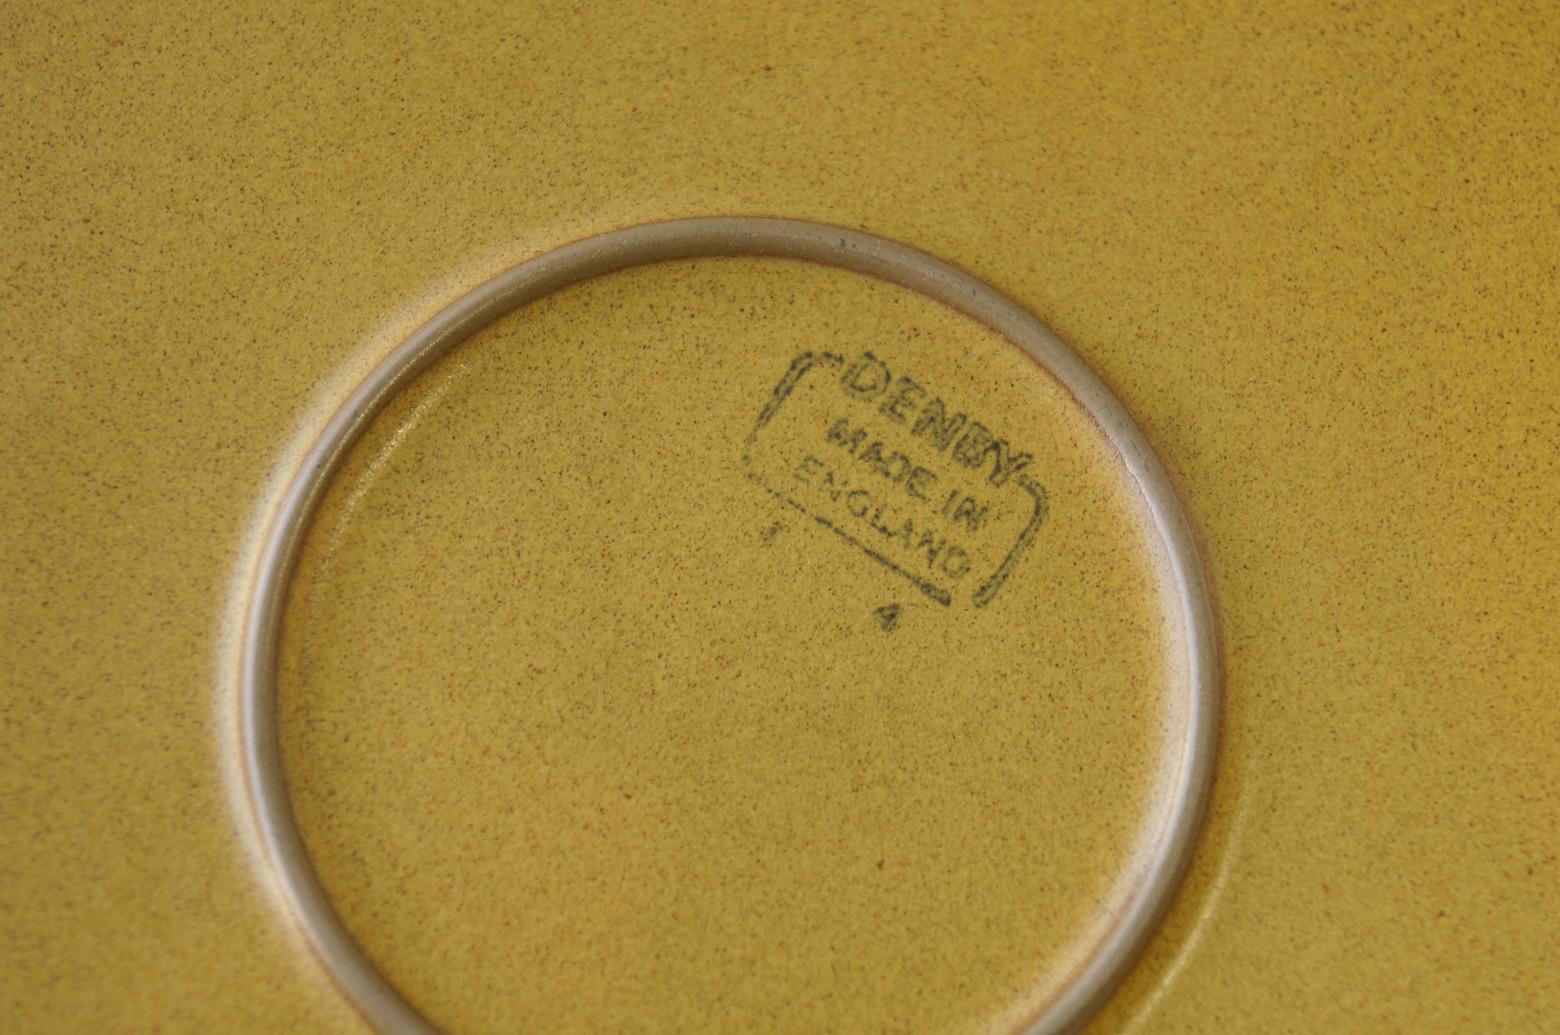 UK Vintage Denby ODE Plate Large/イギリスヴィンテージ デンビー オード プレート 皿 ストーンウェア 食器 大 2